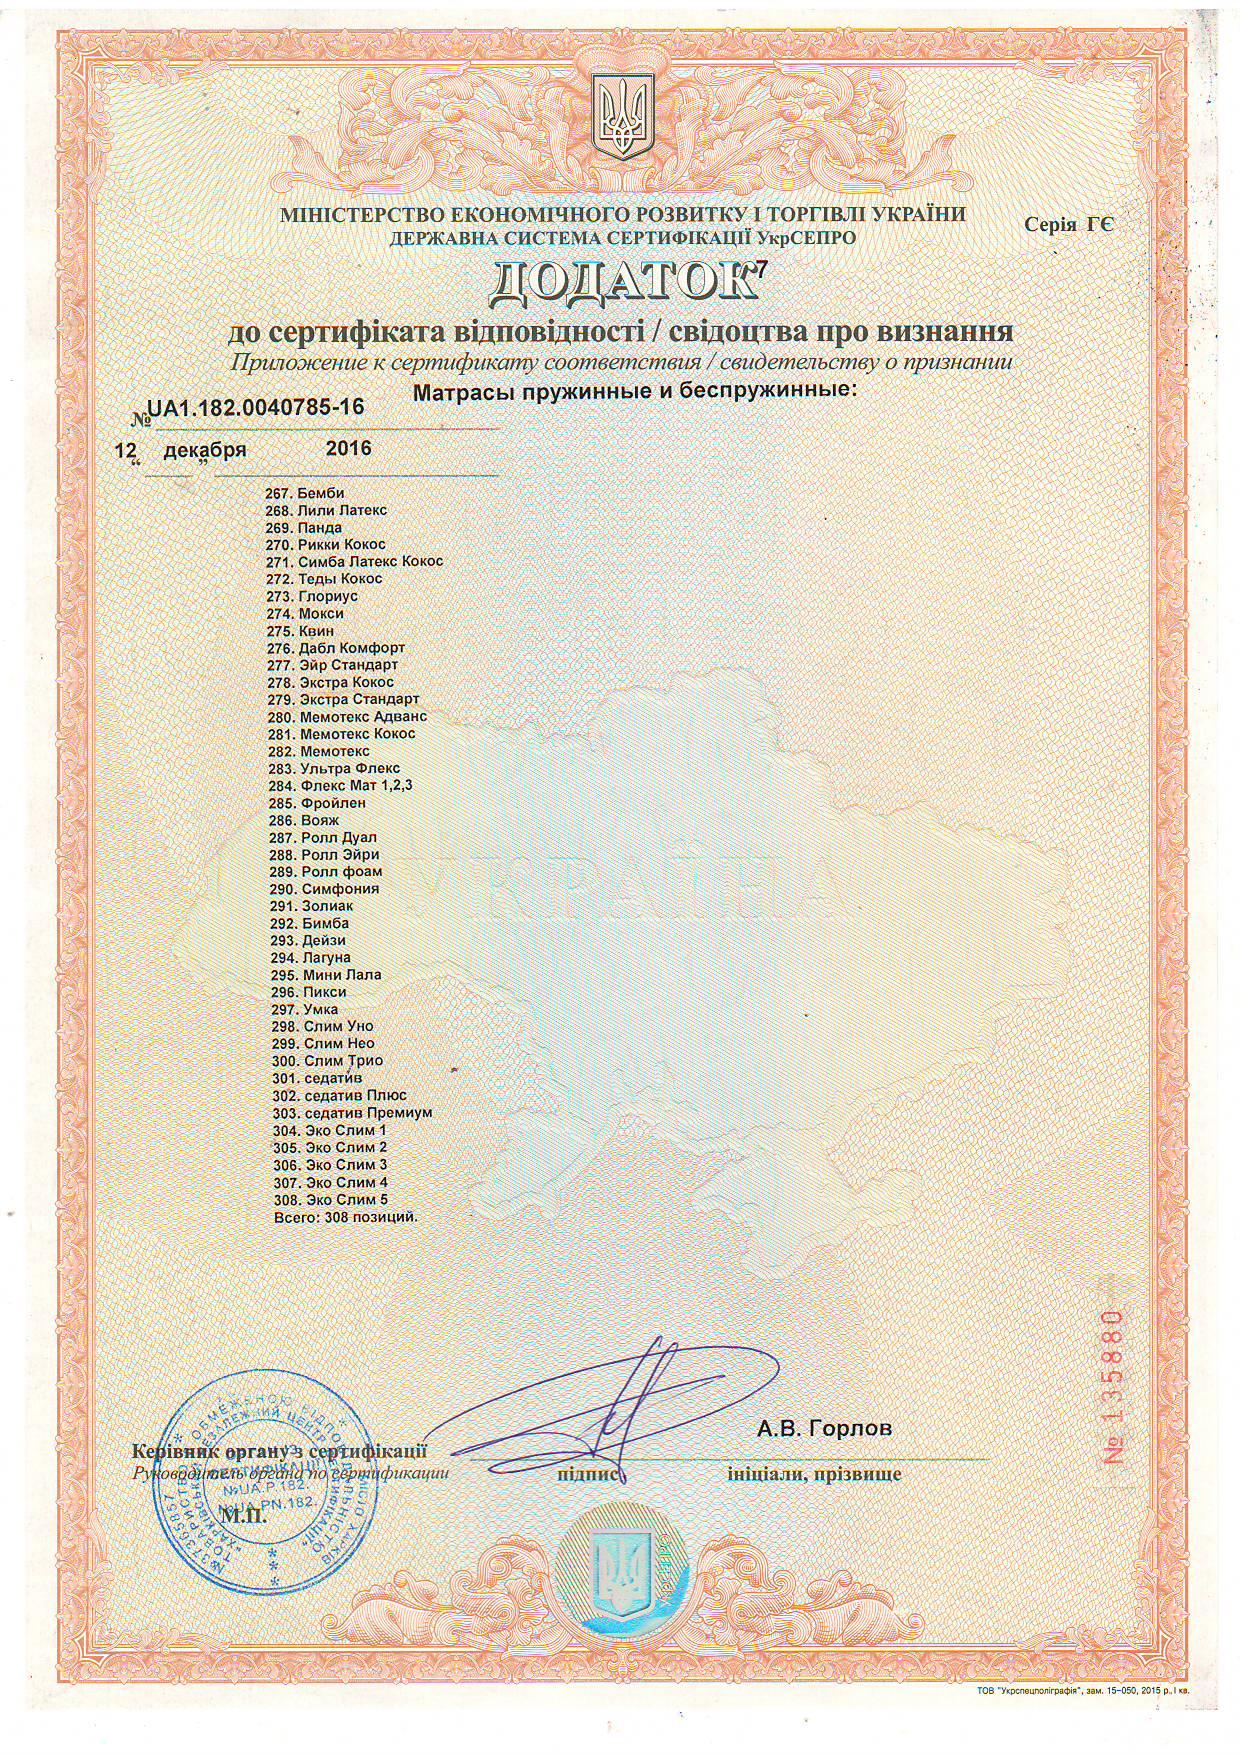 Дополнение 7 к Сертификату соответствия качества матрасов пружинных и беспружинных.